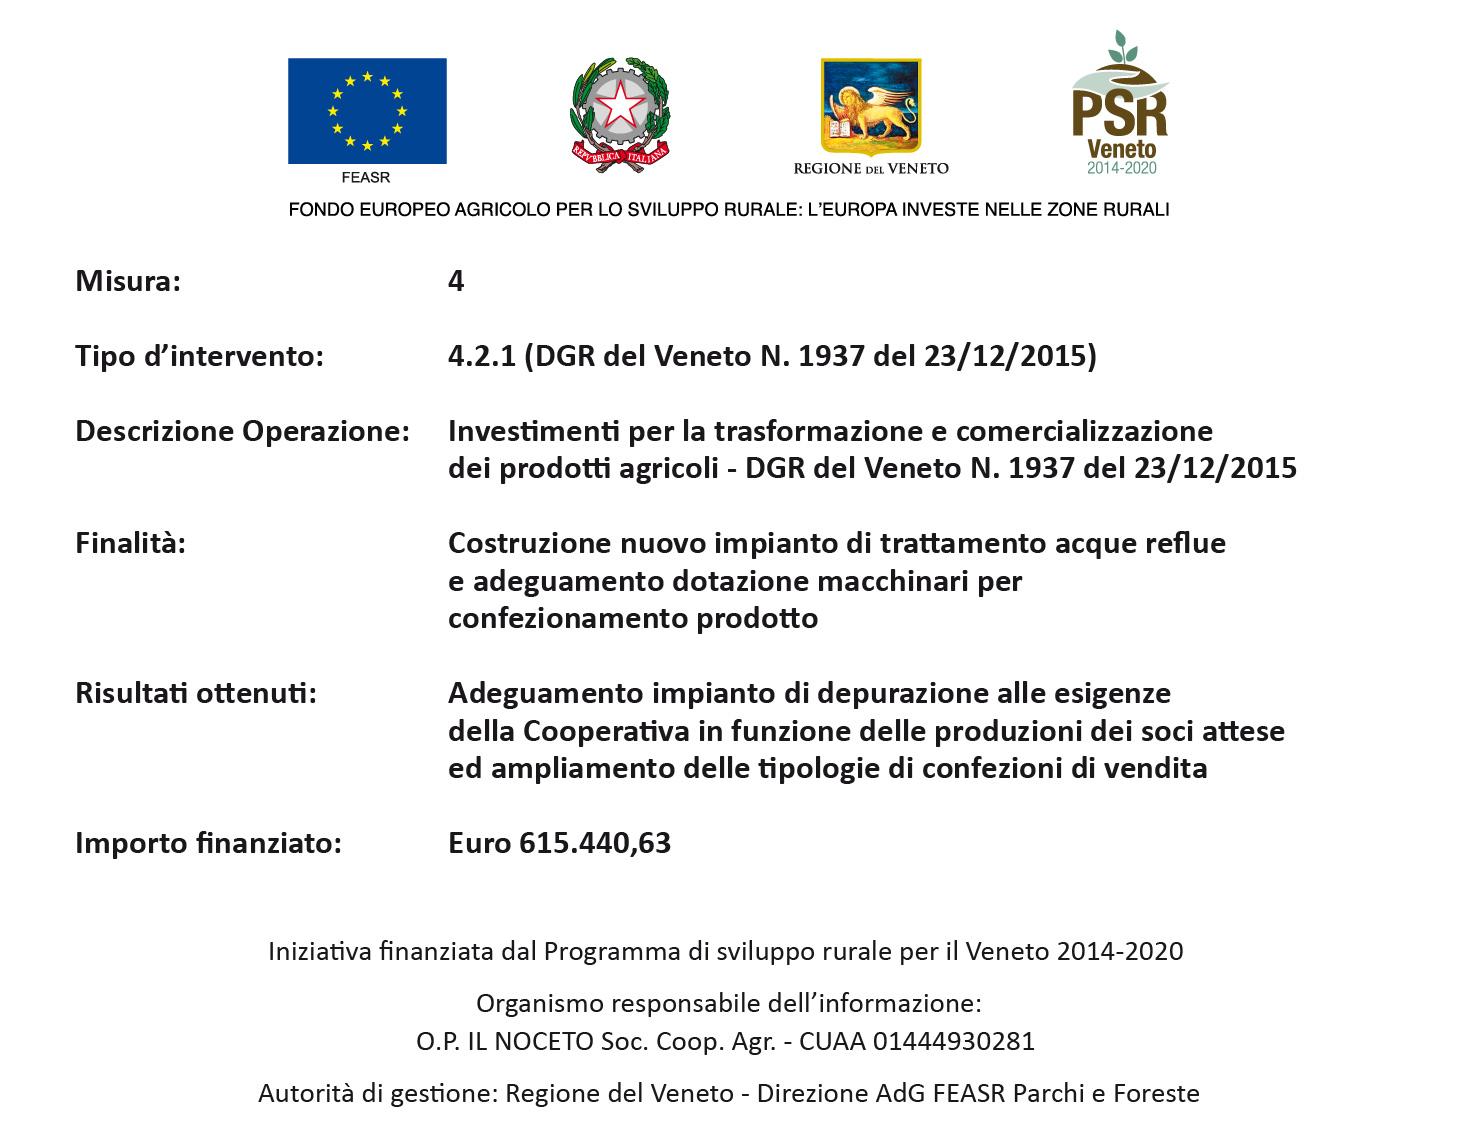 Iniziativa finanziaria dal Programma di Sviluppo rurale per il Veneto 2014-2020